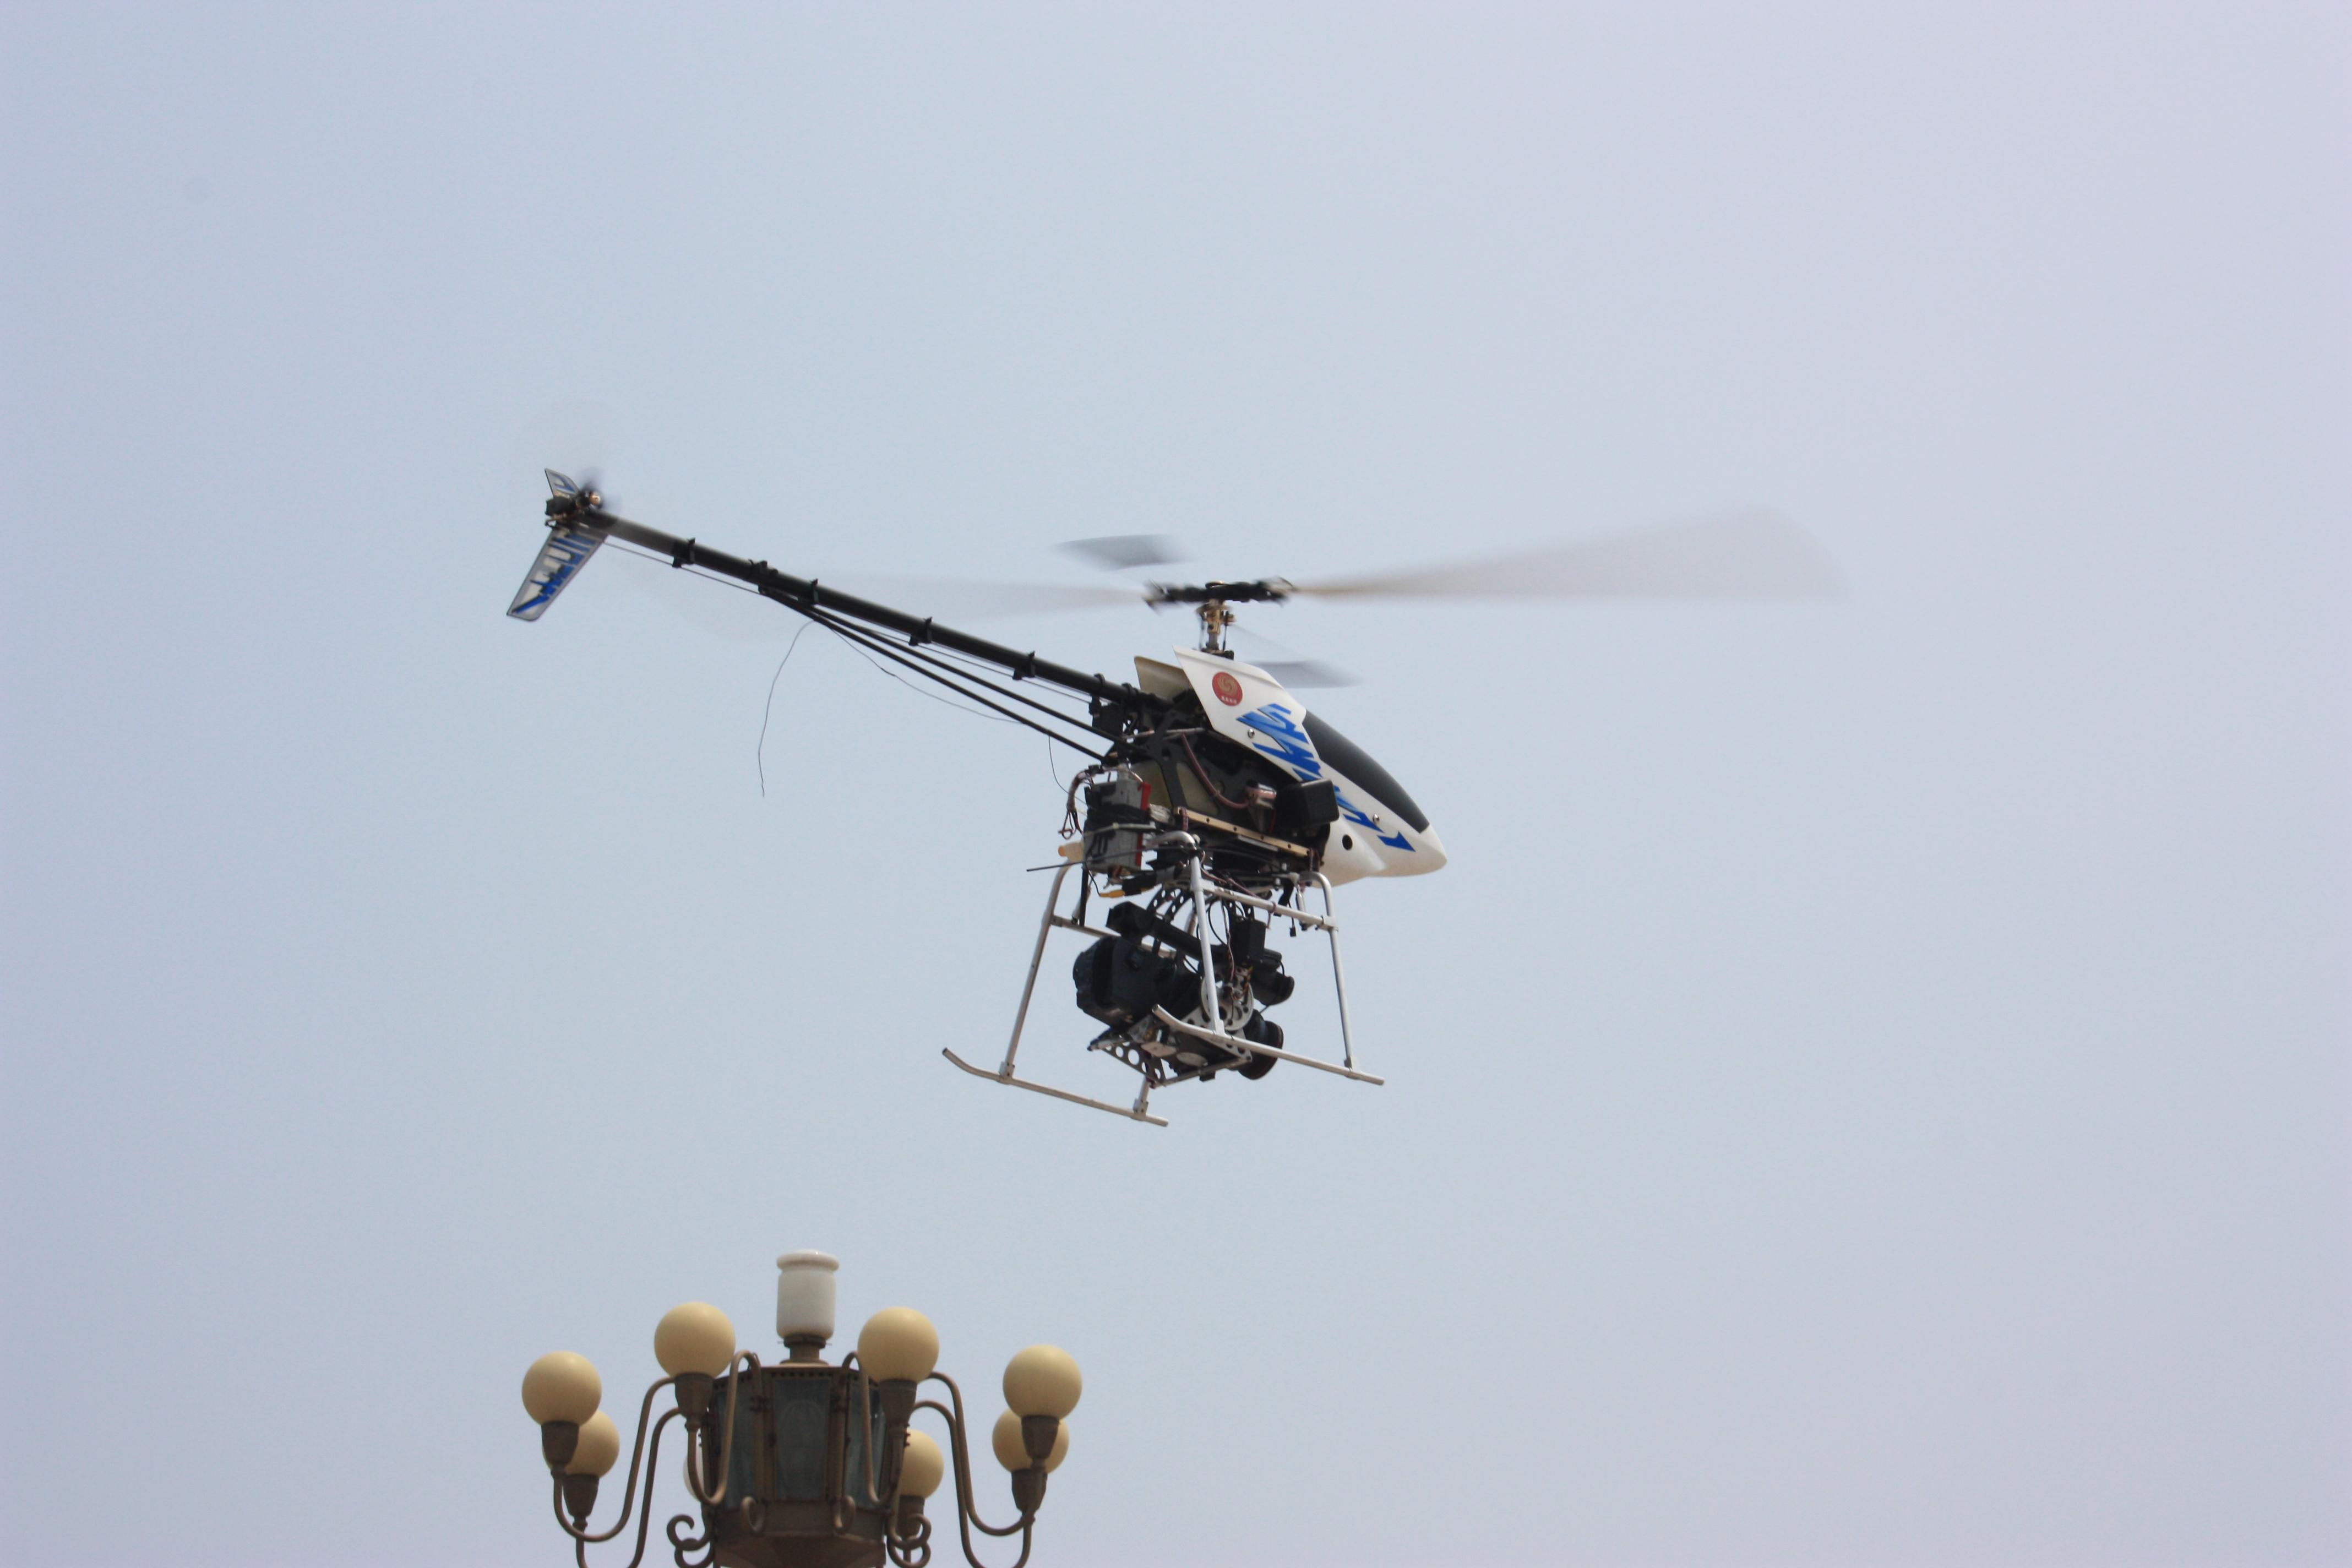 采用镁铝合金的框架机身,带滑橇式起落架;双油箱至于机身两侧;采用复合材料制作的主旋翼和尾桨。一台80cc汽油发动机通过标准减速机构驱动主旋翼。该直升机将有效载荷至于机头前部。   SSC系列直升机技术数据